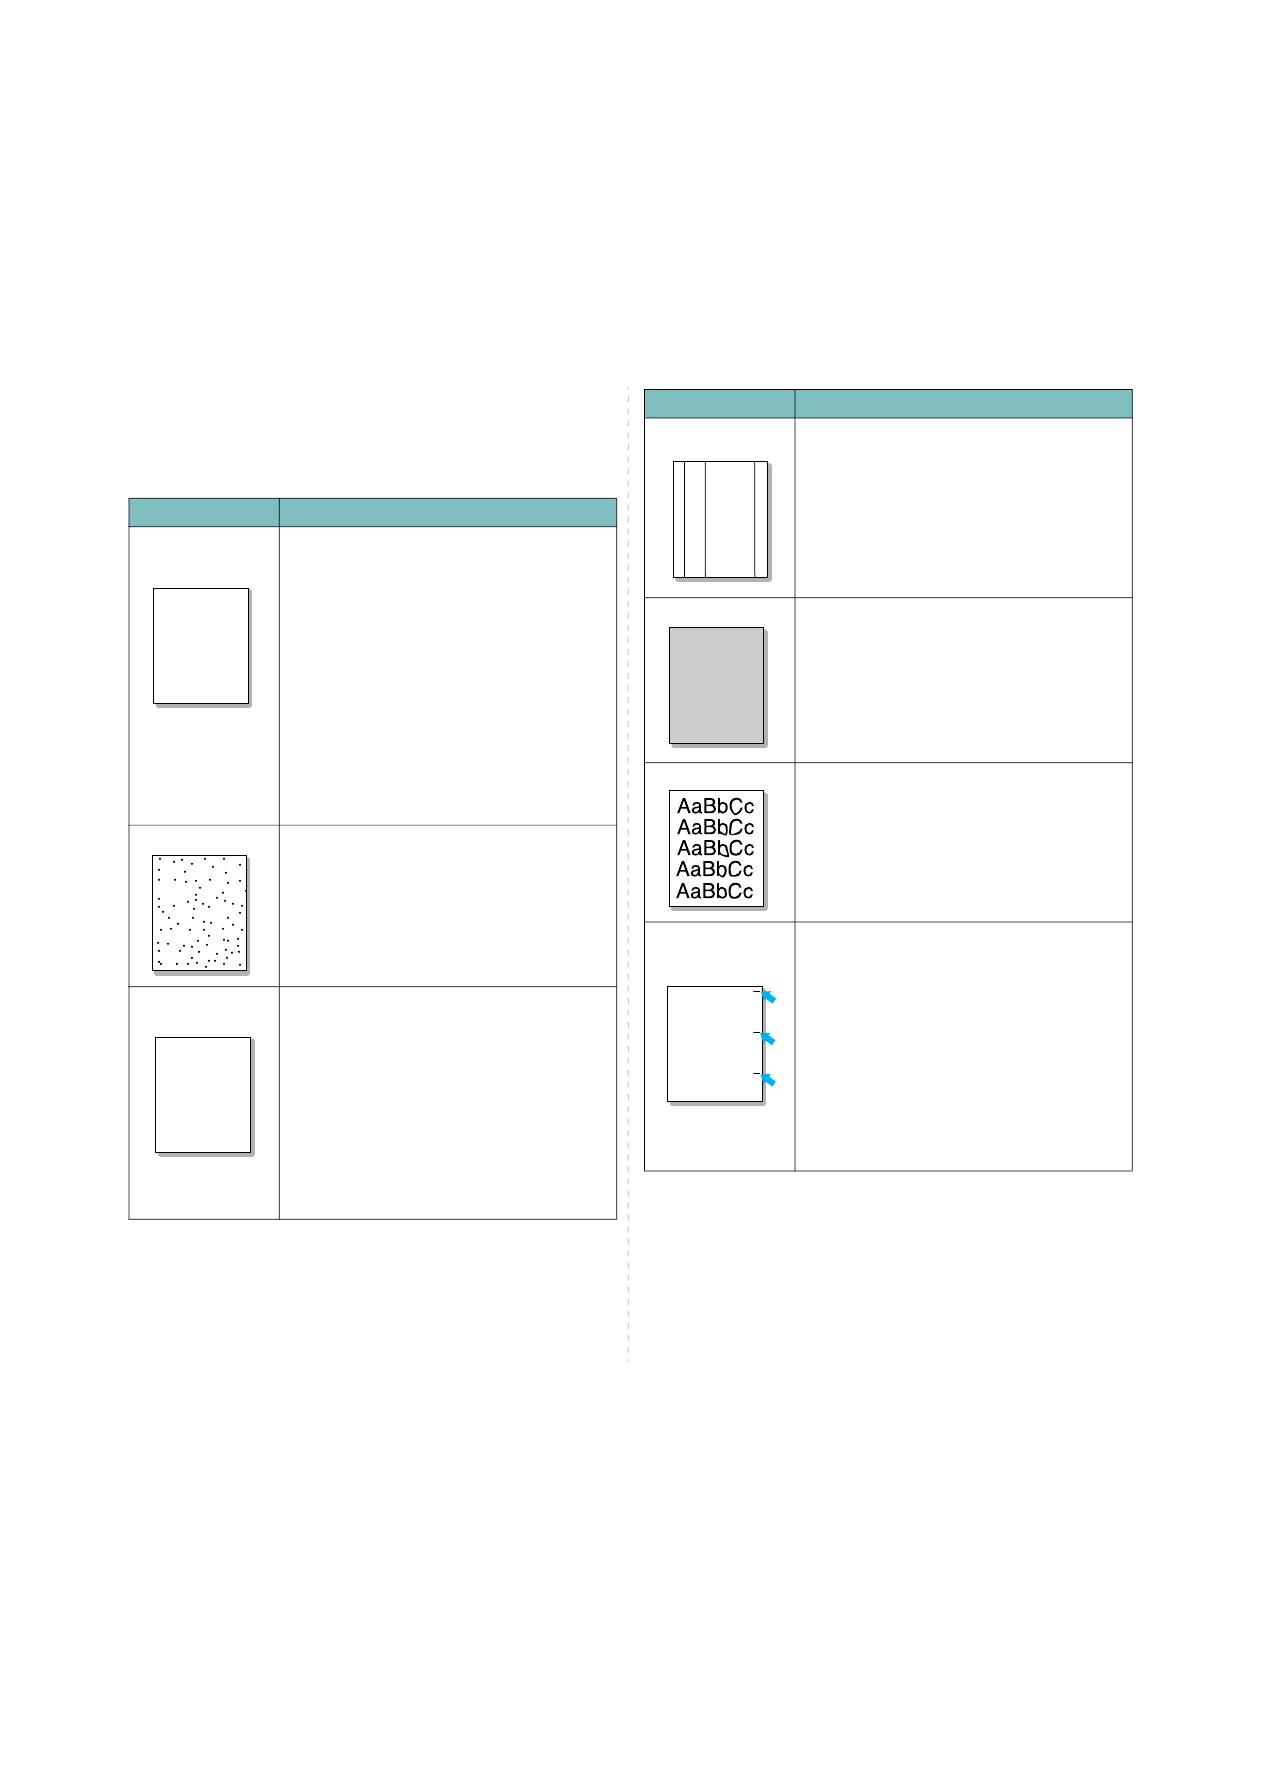 Инструкция принтера samsung scx 4220